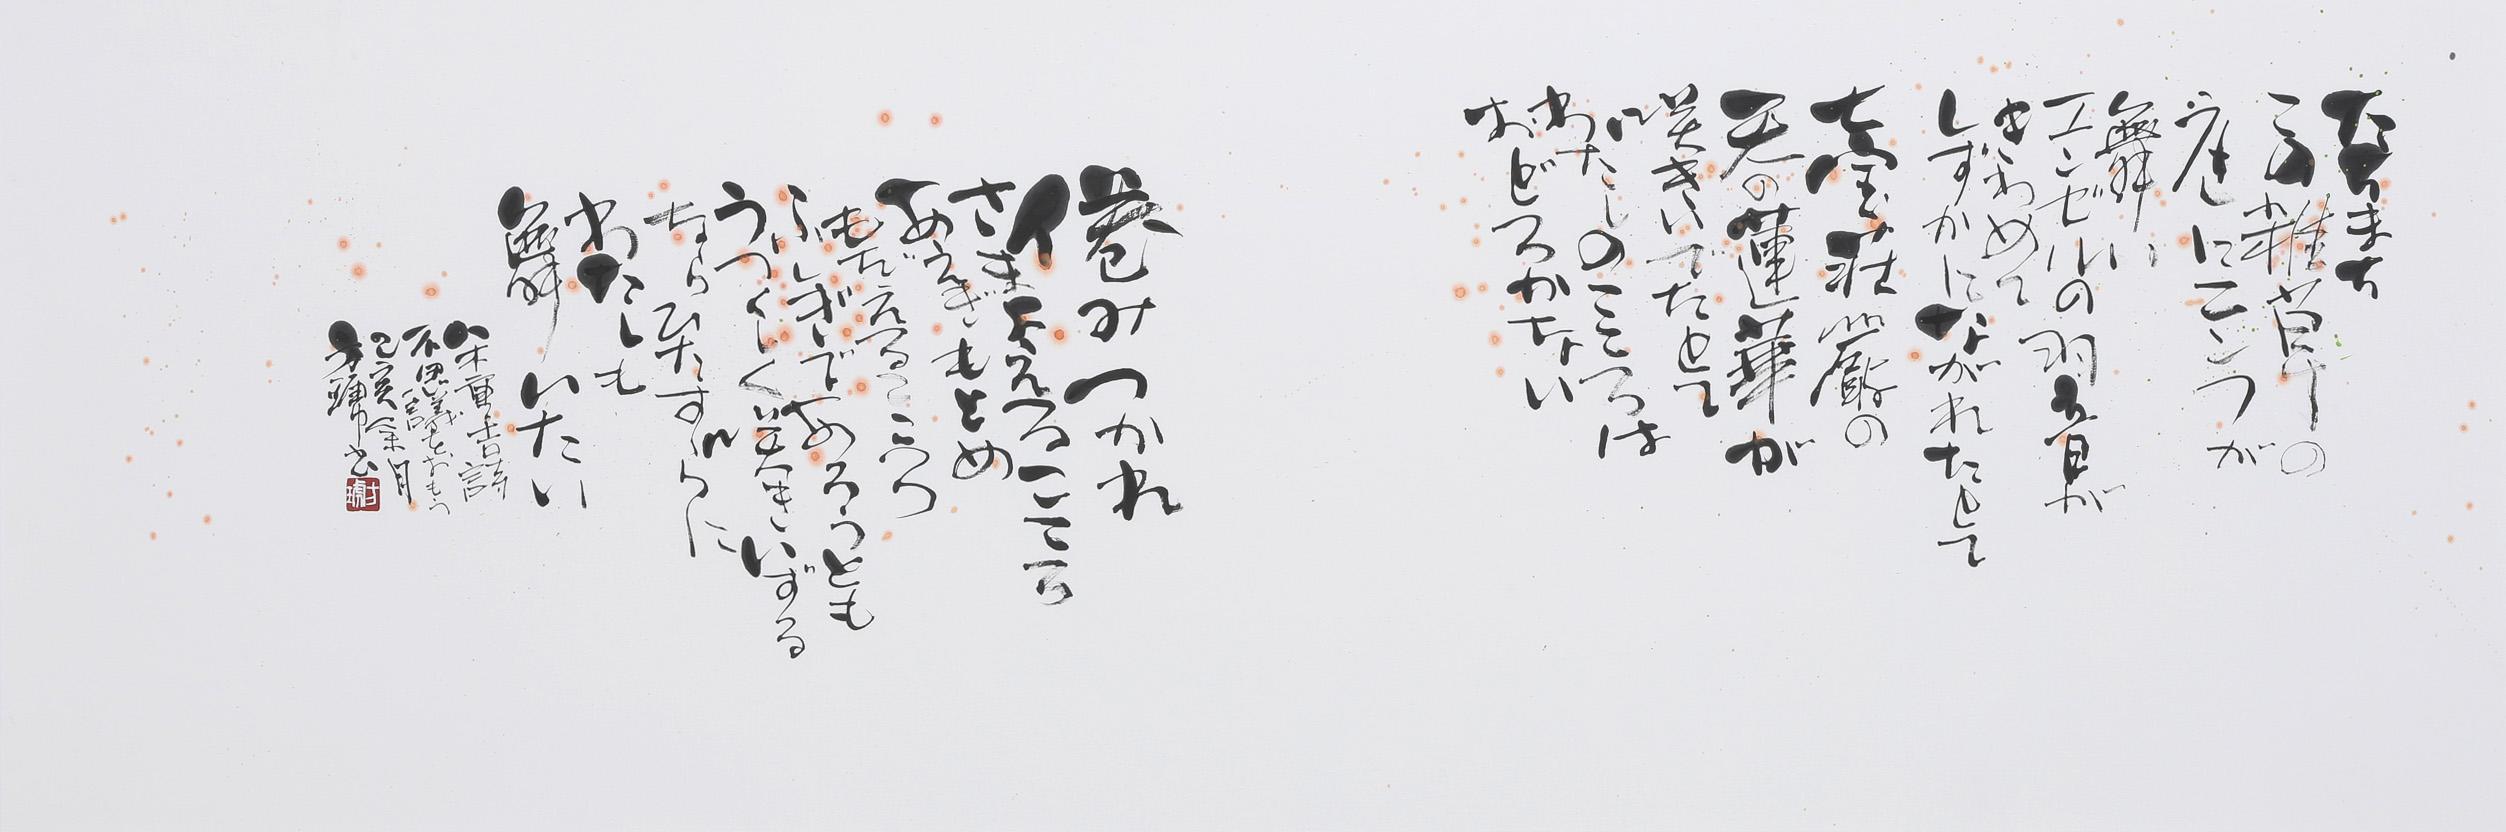 第36回産経国際書展「八木重吉 不思議をおもう」(縦90×横180センチ)